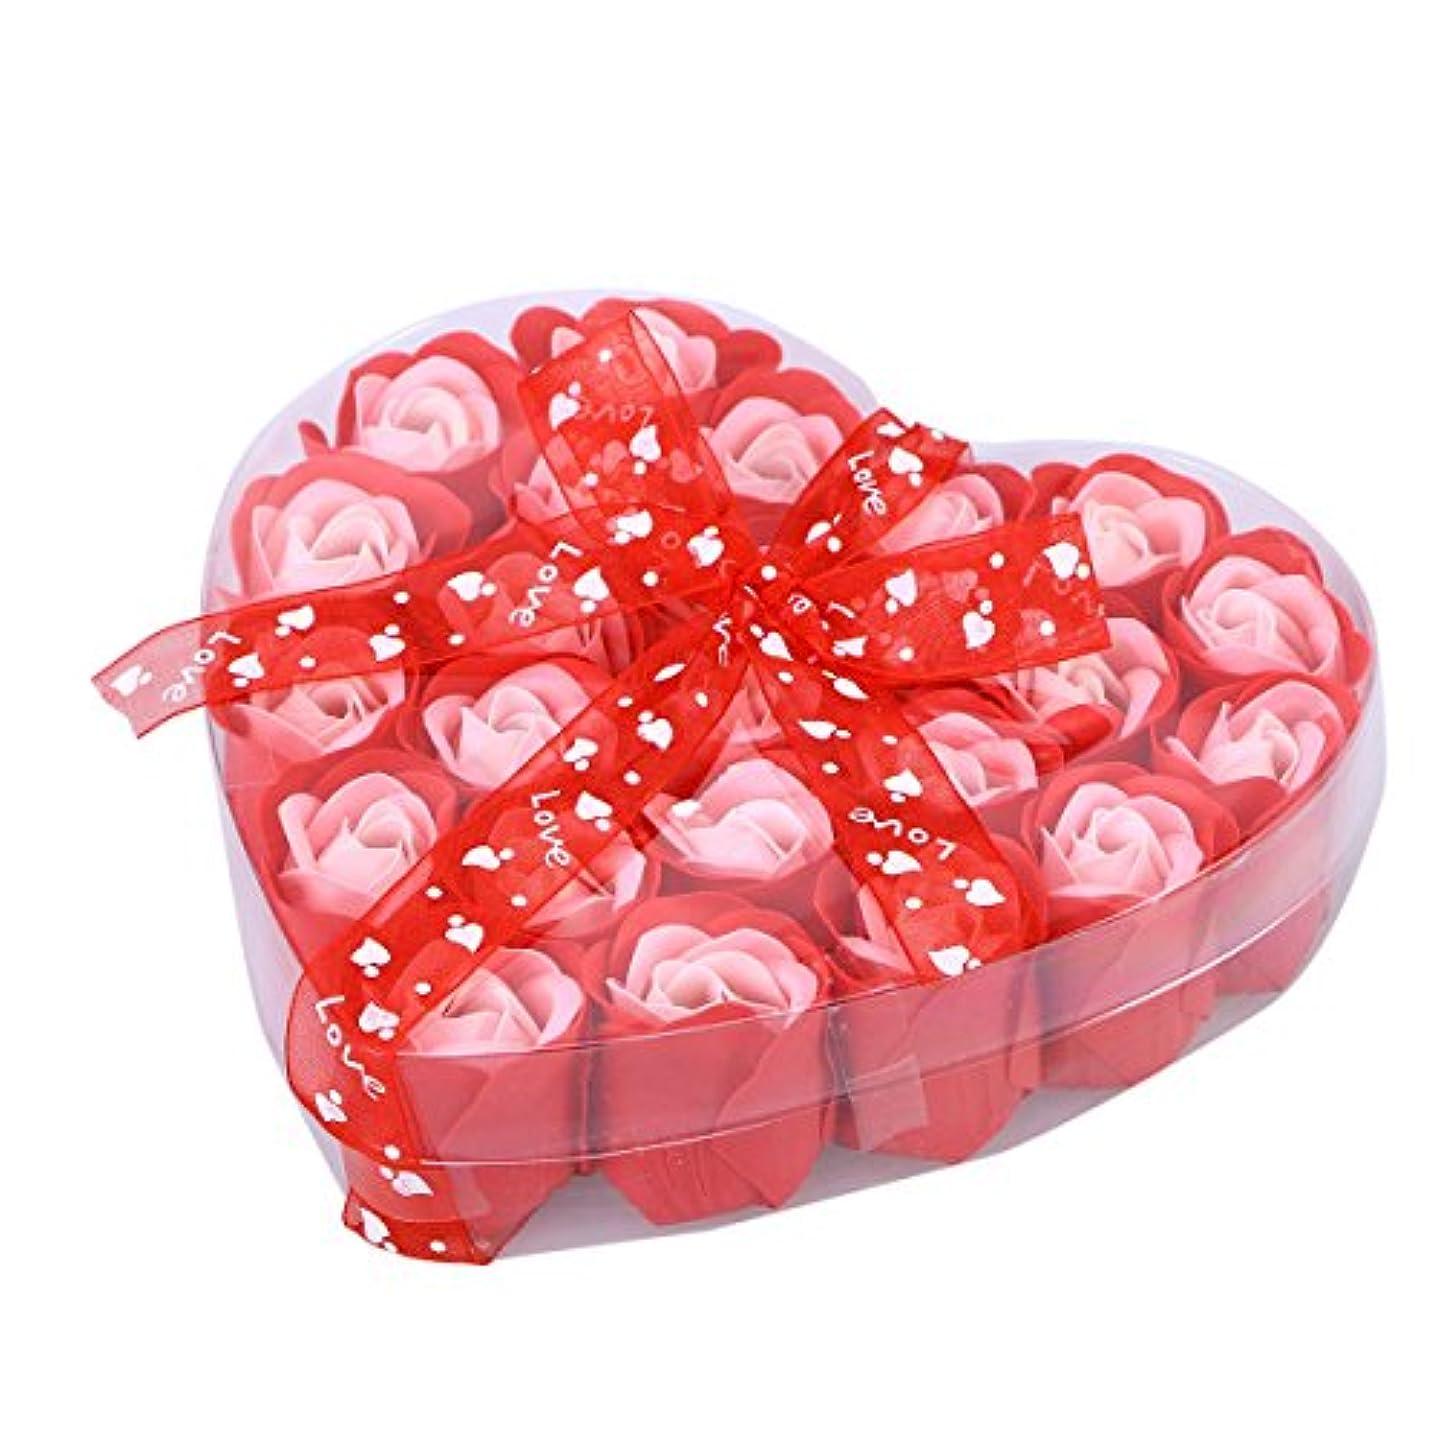 傭兵害不定Frcolor 香り付きバスソープ ハートボックスにバラ形のソープ 飾り物 ギフト 24個入